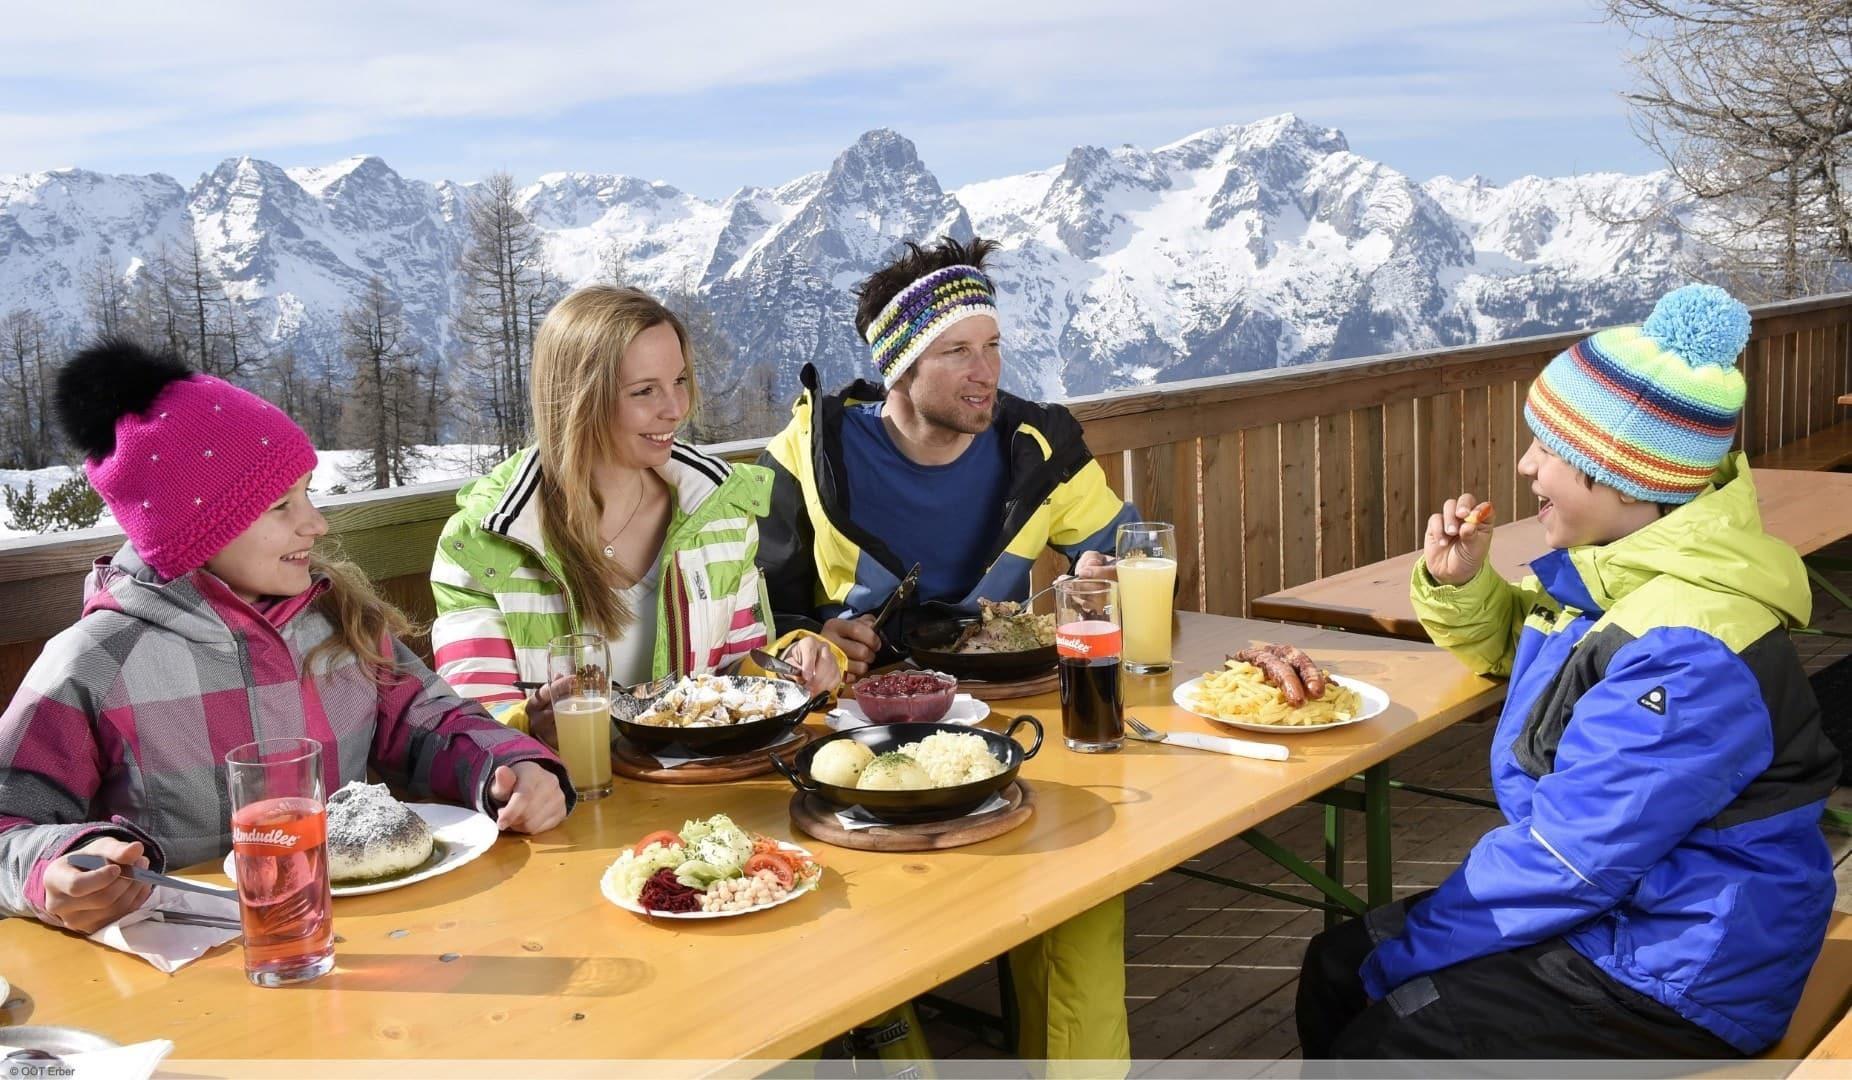 après-ski in Windischgarsten